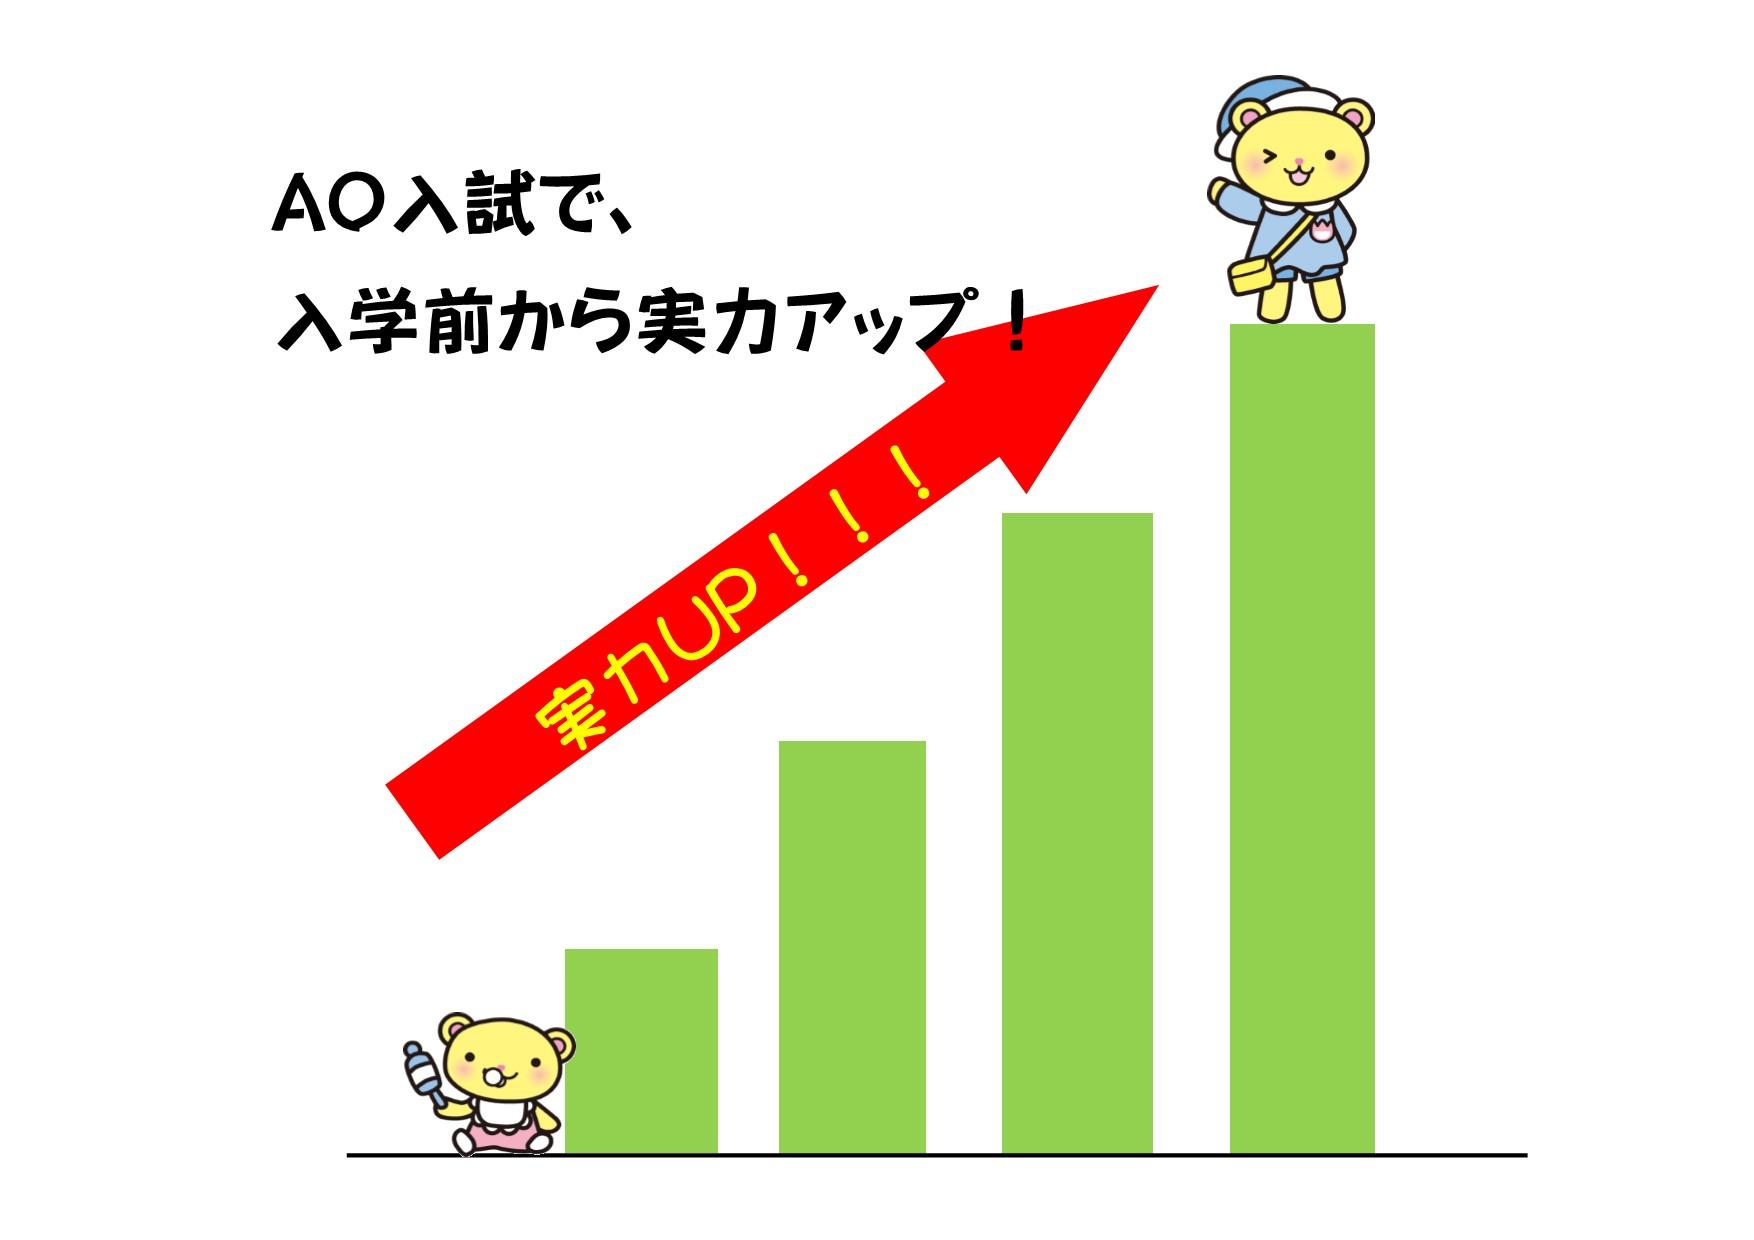 AO入試のススメ ―プレスクールを賢く活用してレベルアップ!―